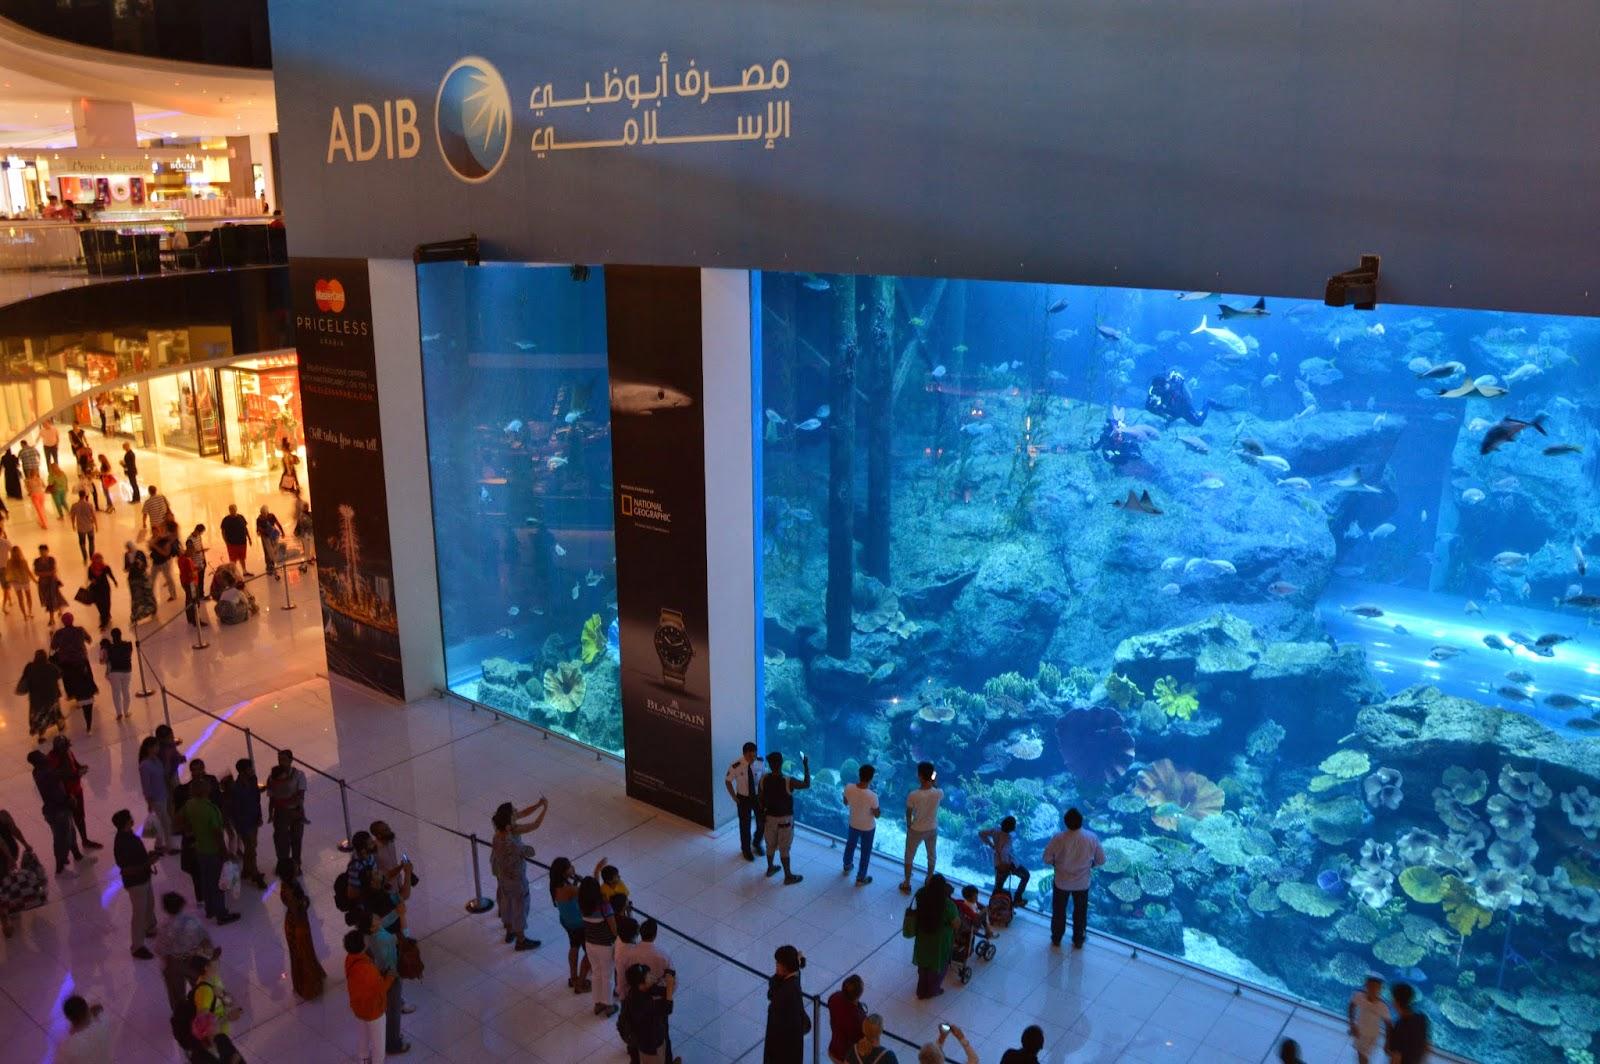 Un weekend a dubai cosa vedere in 3 giorni for Dubai cosa vedere in un giorno